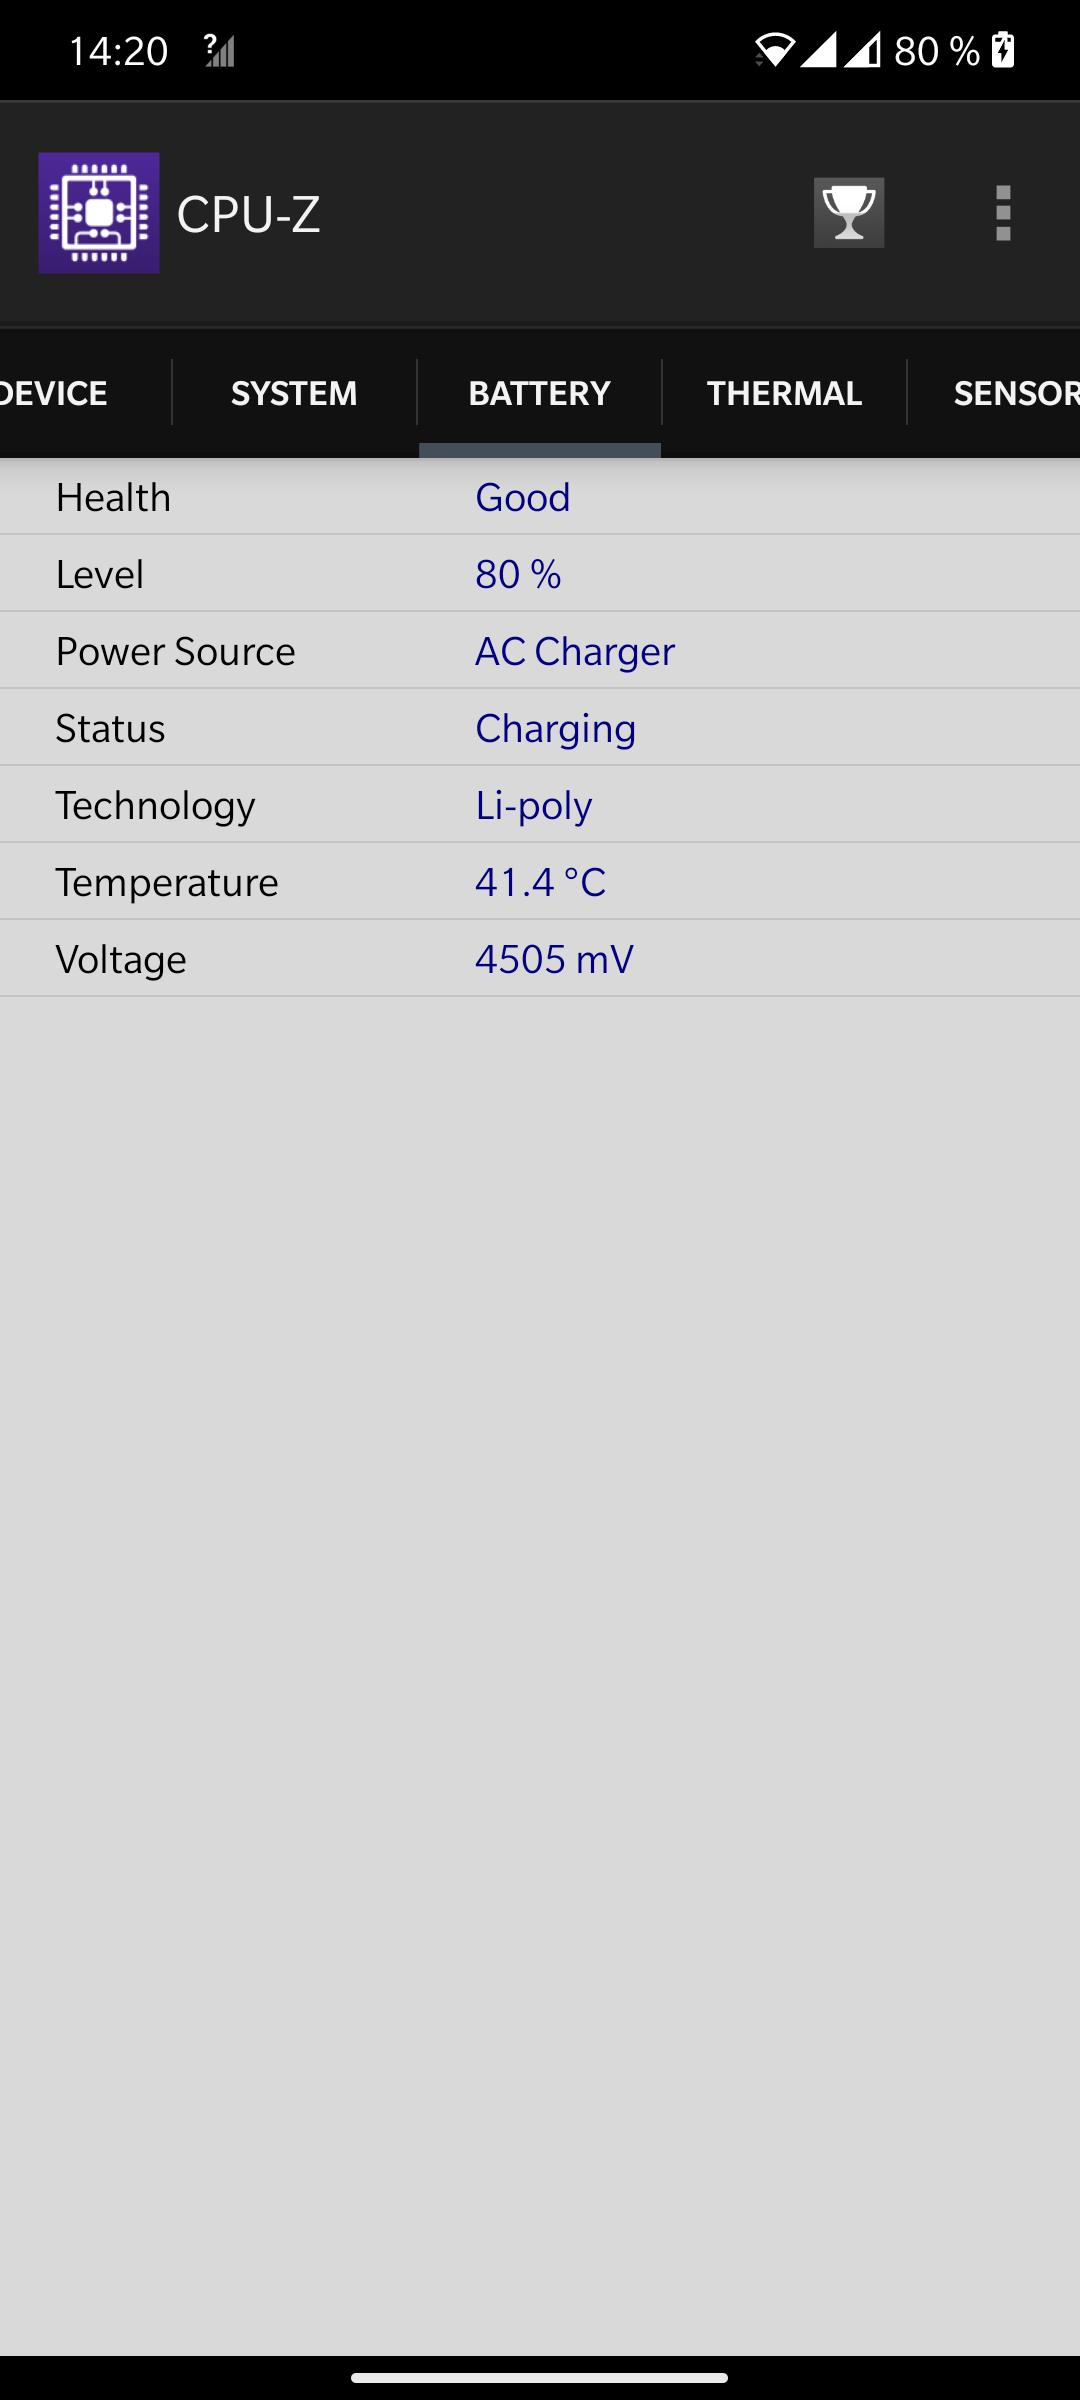 Screenshot_20210223-142047_CPU-Z.png